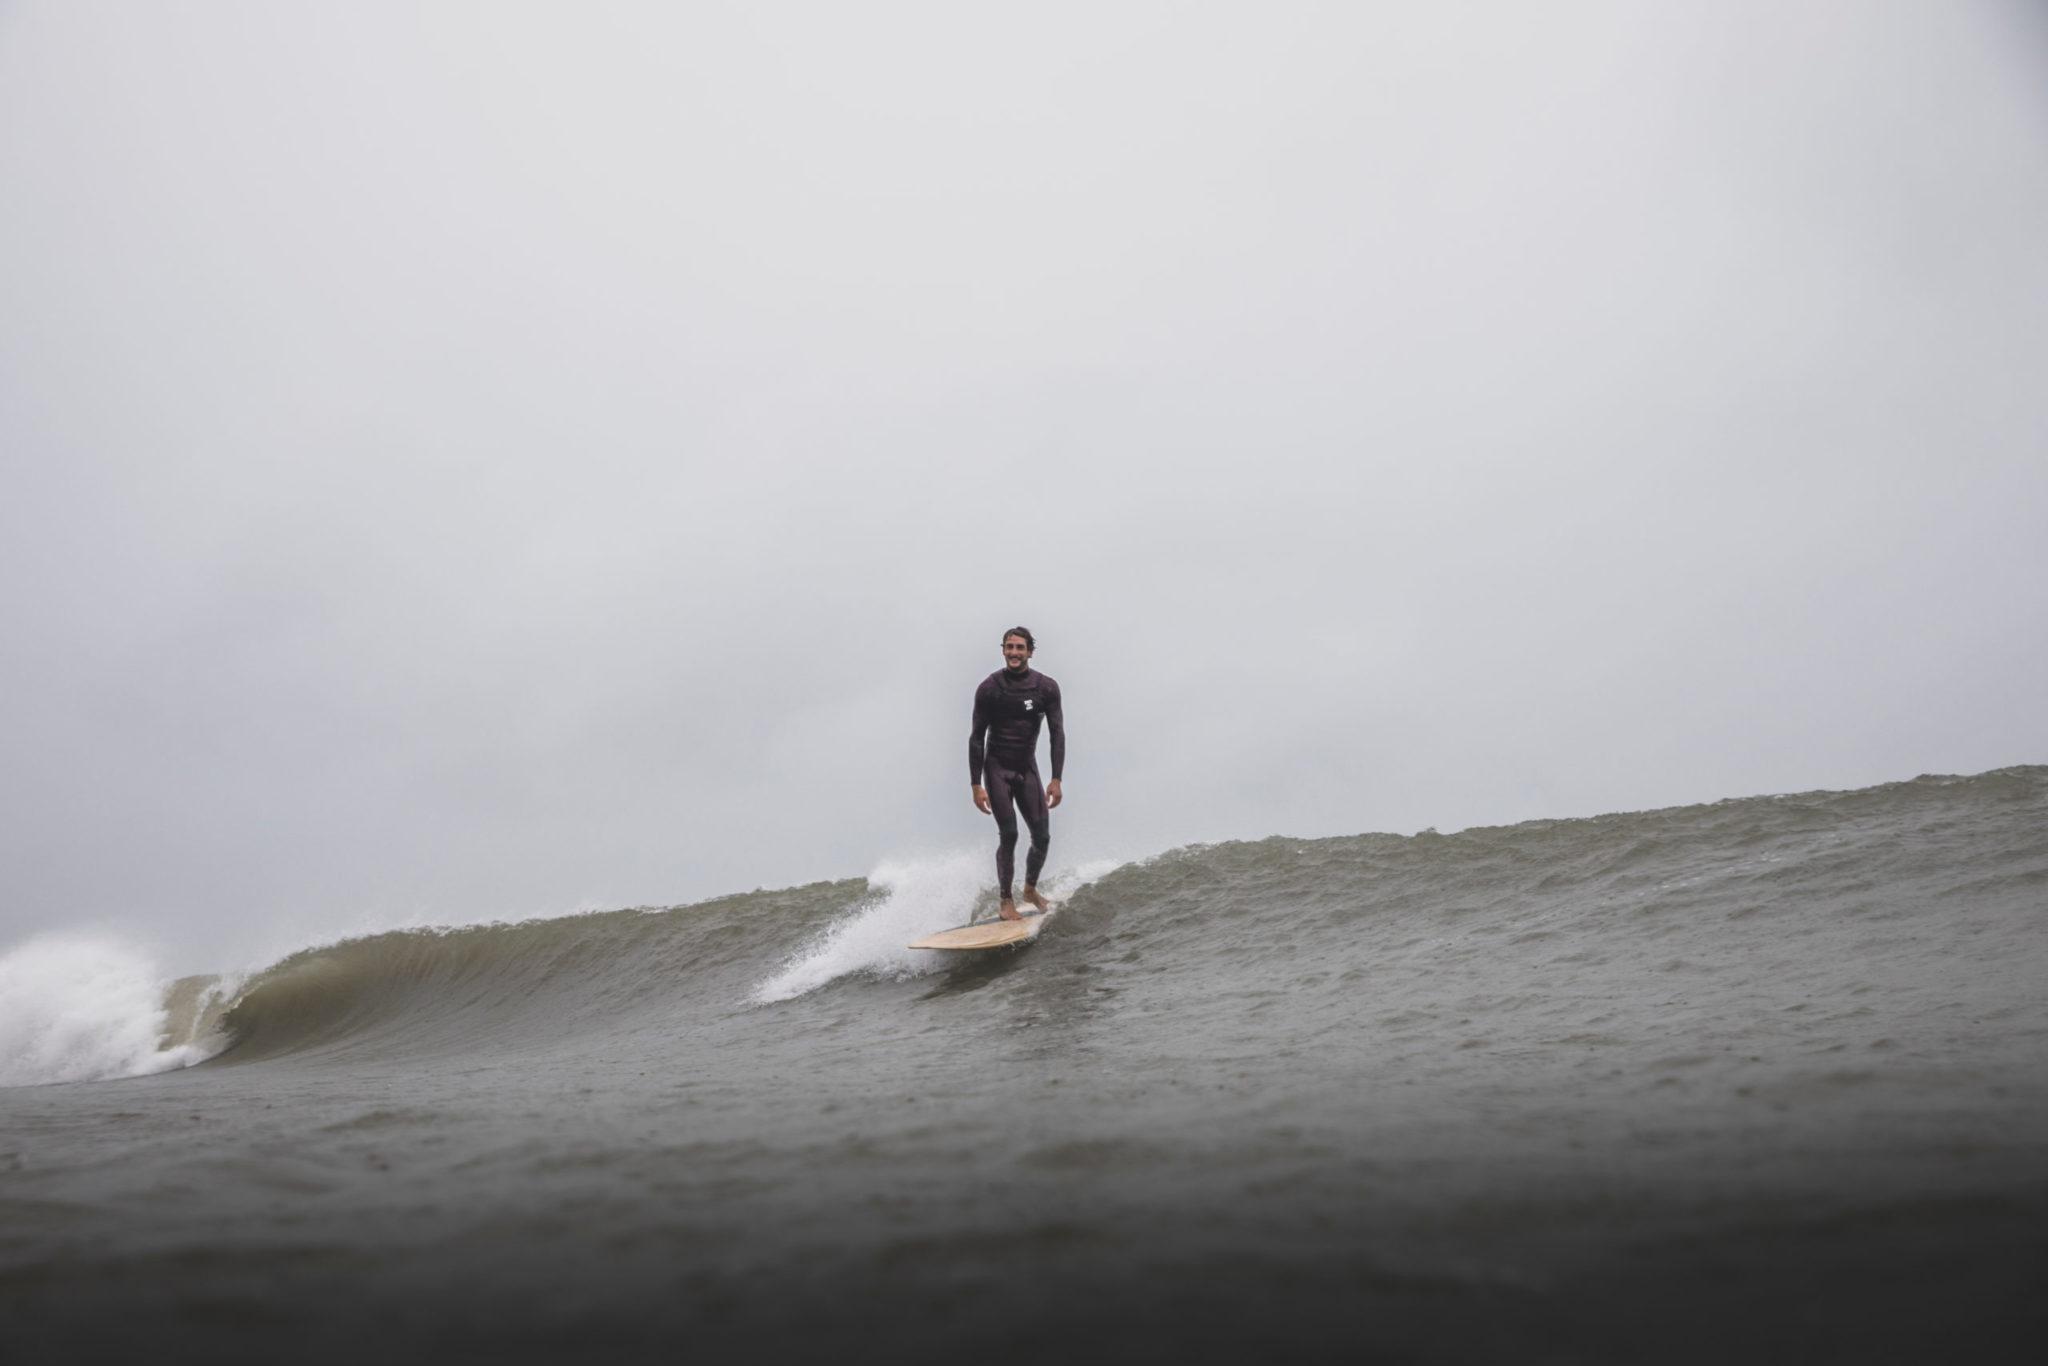 cachalot surfboards planche de surf artisan shape shaper bois hollow wooden balsa